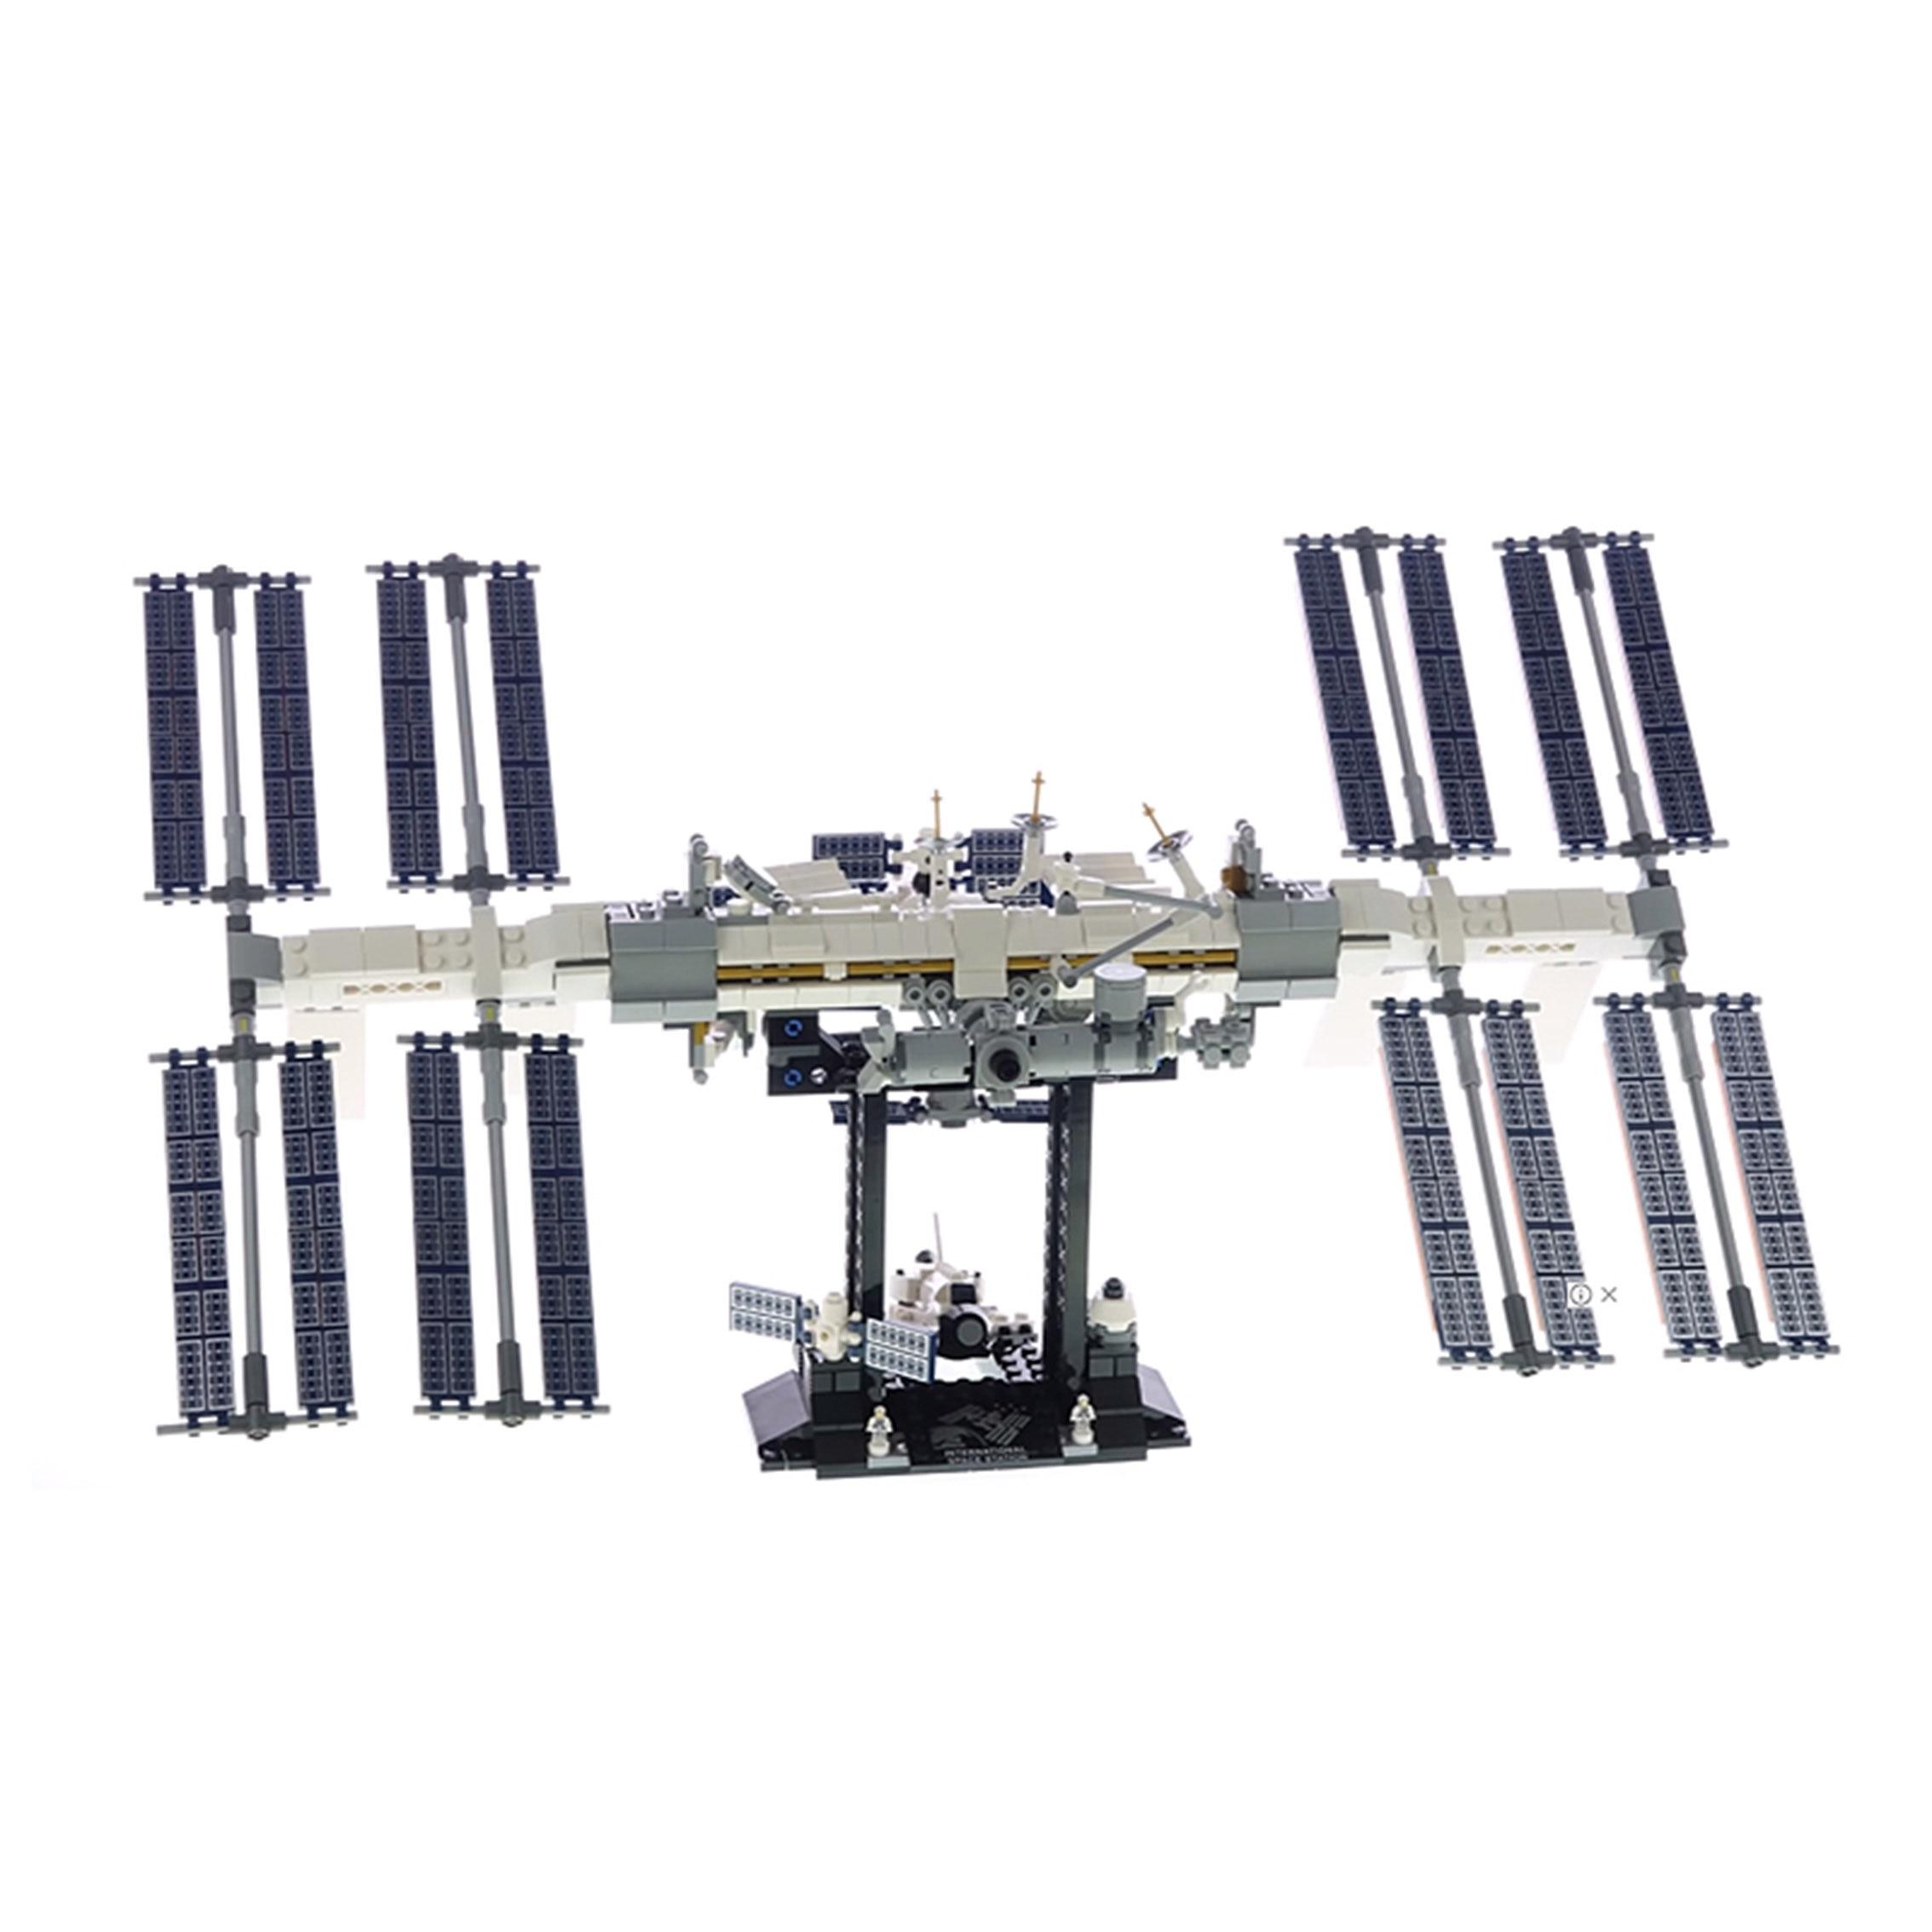 2020 nova lepinblocks 876 pçs estação espacial internacional ideia compatível 21321 tijolos de construção brinquedos educativos presentes aniversário